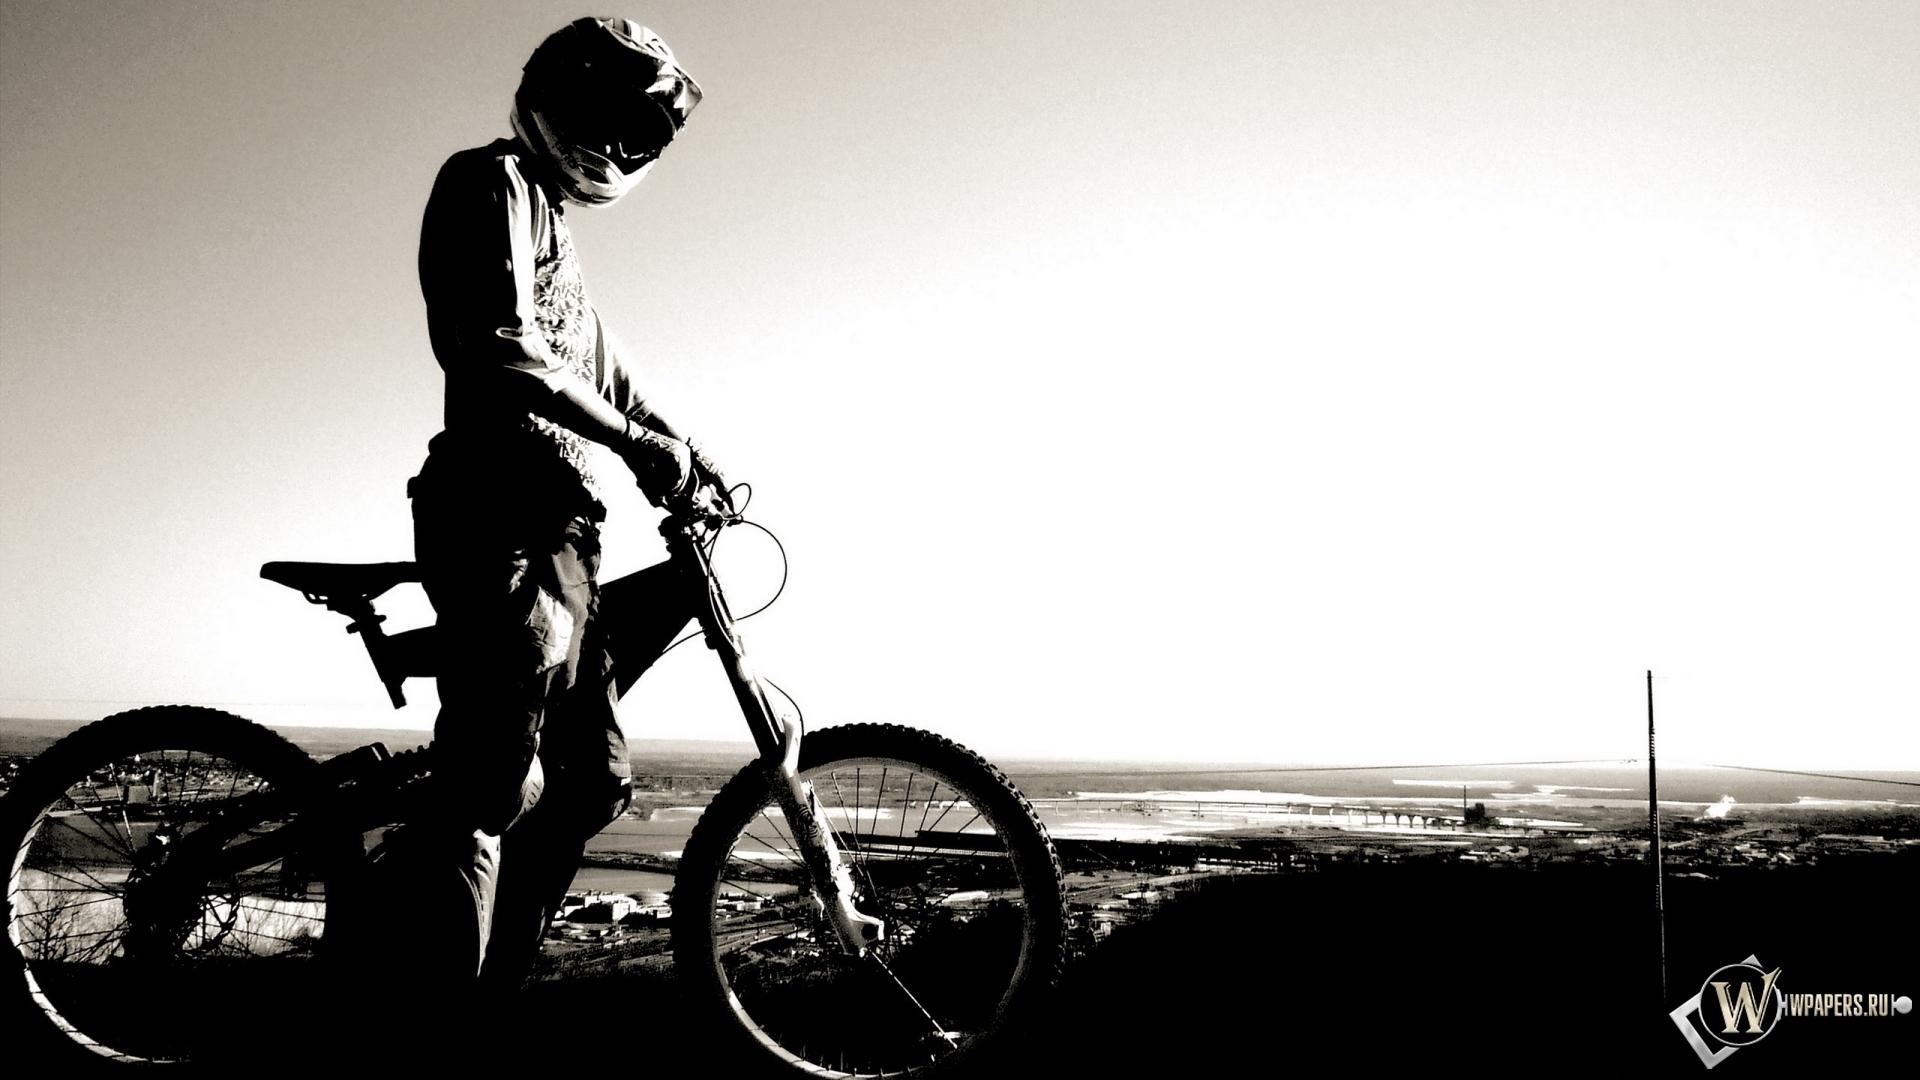 Велосипедист 1920x1080